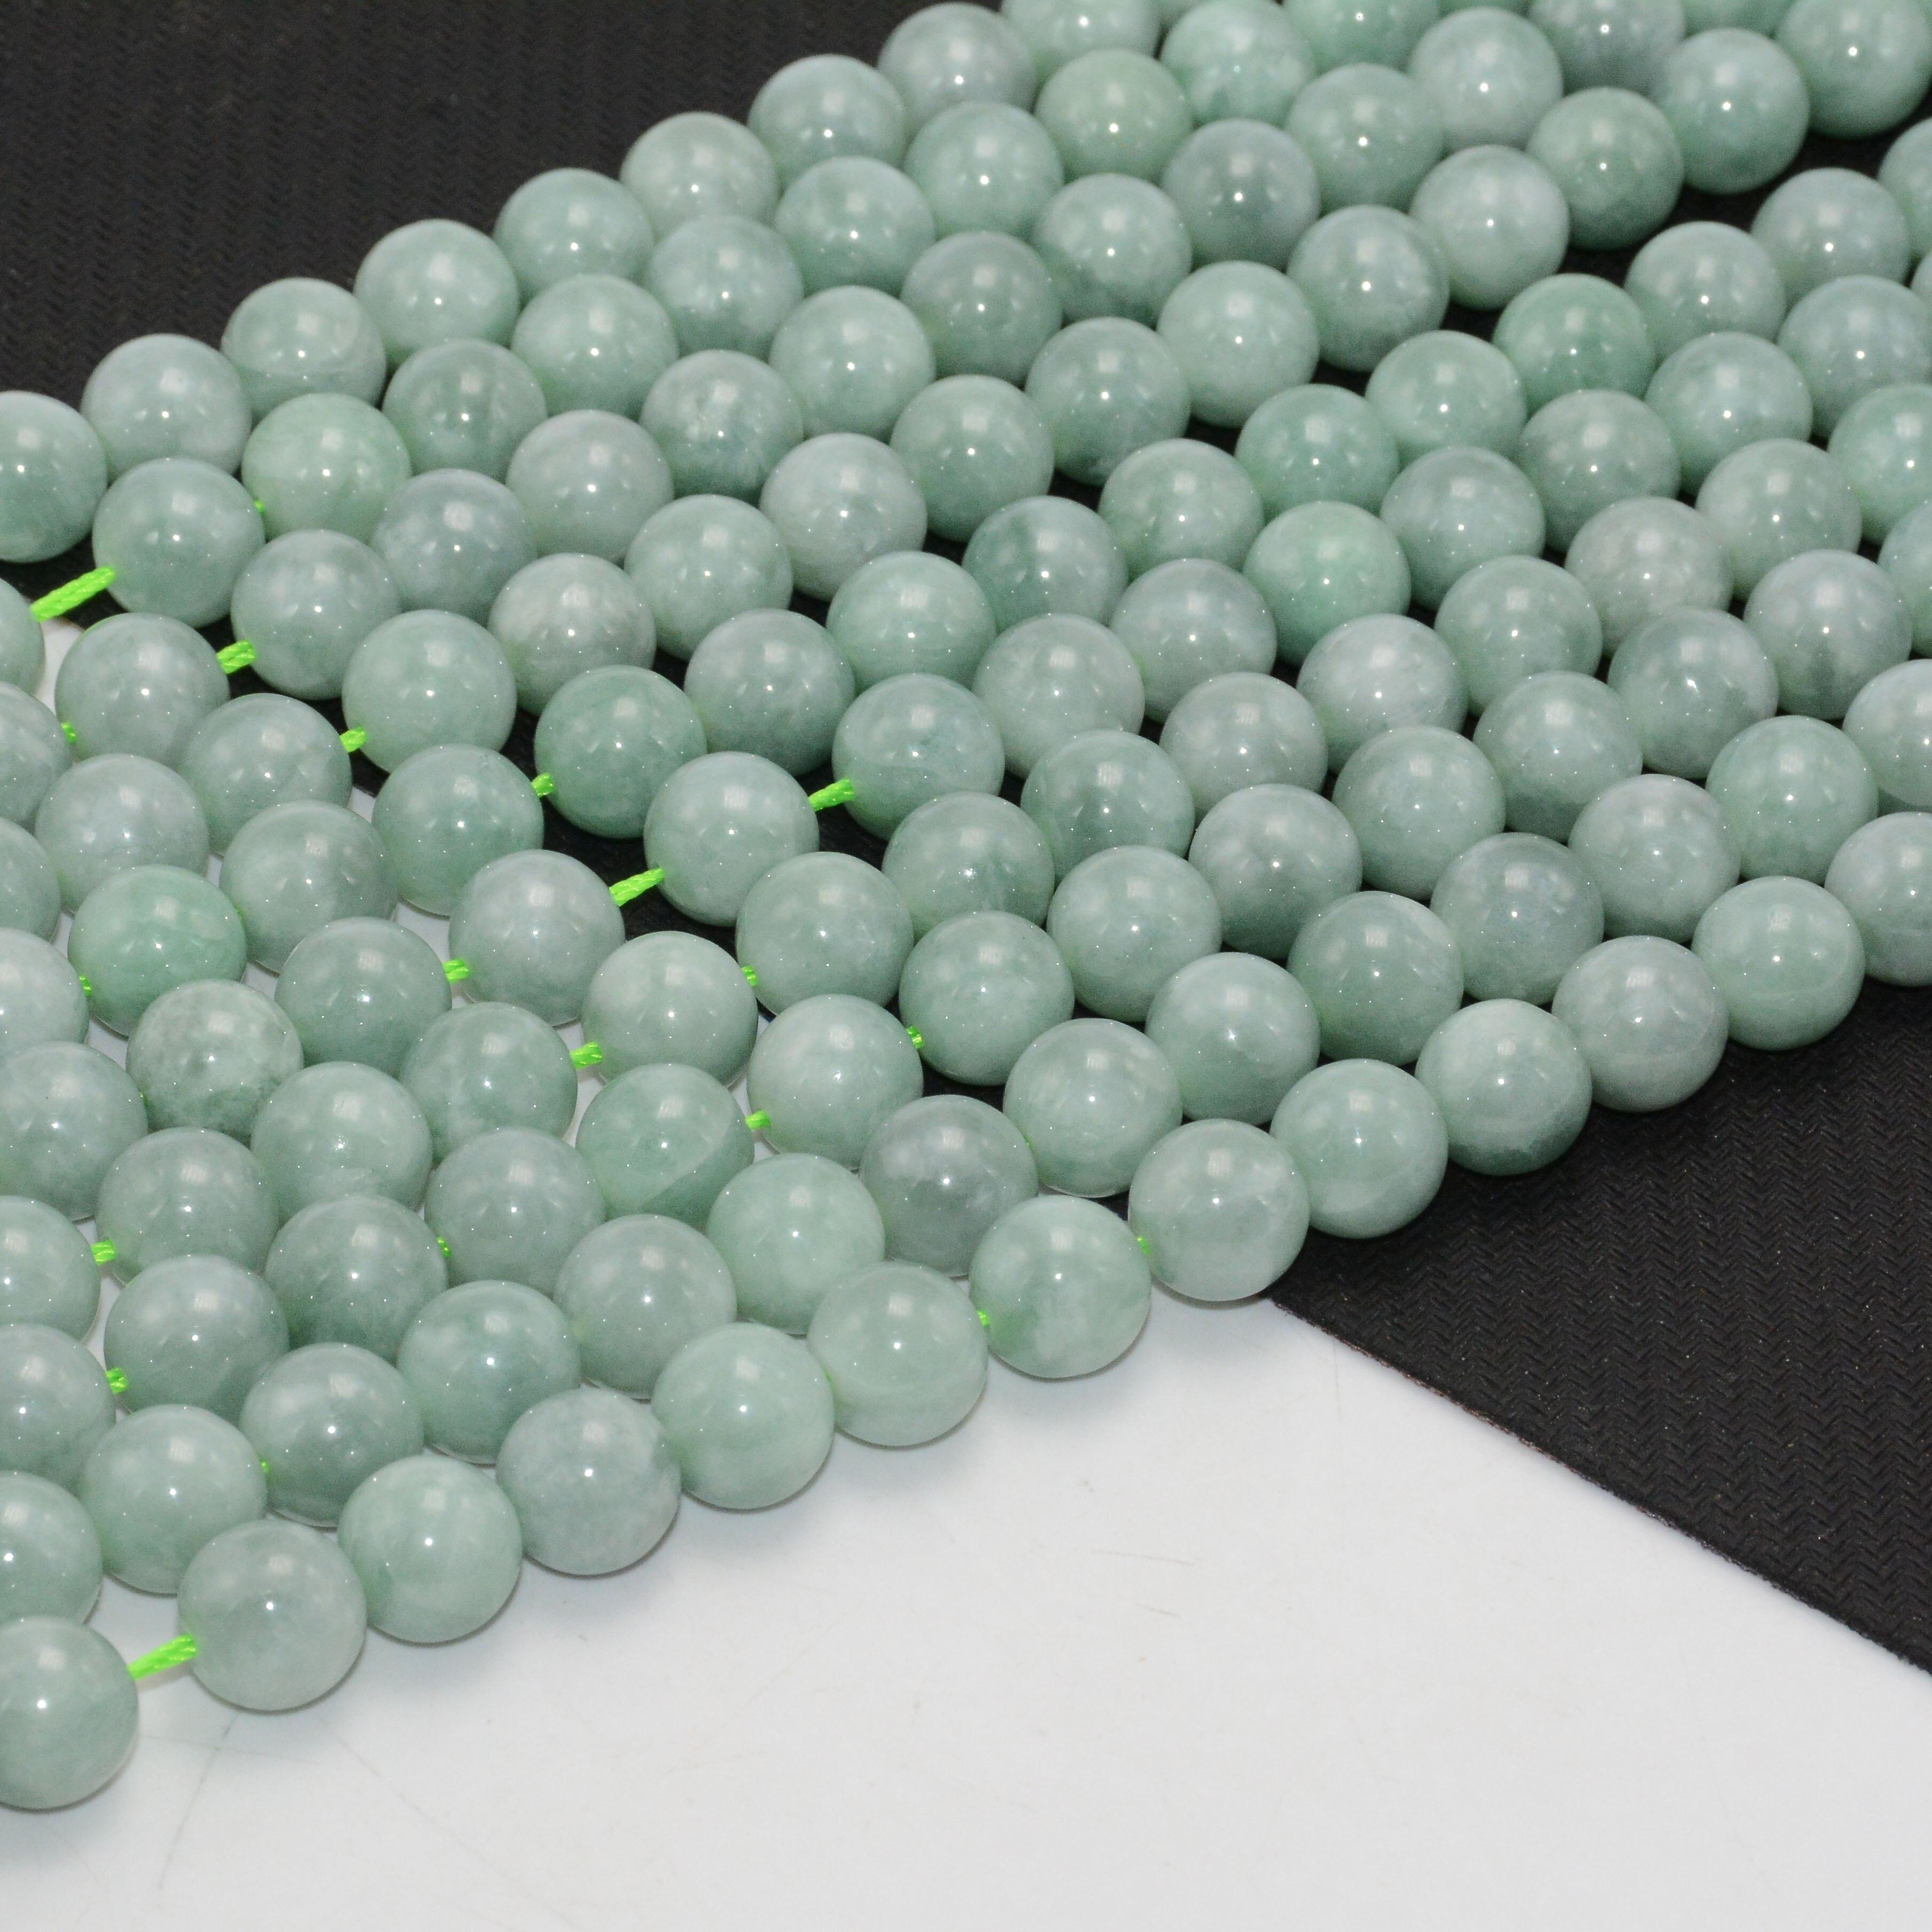 8mm Myanmar Burma jade natural pearls Lot of 20.